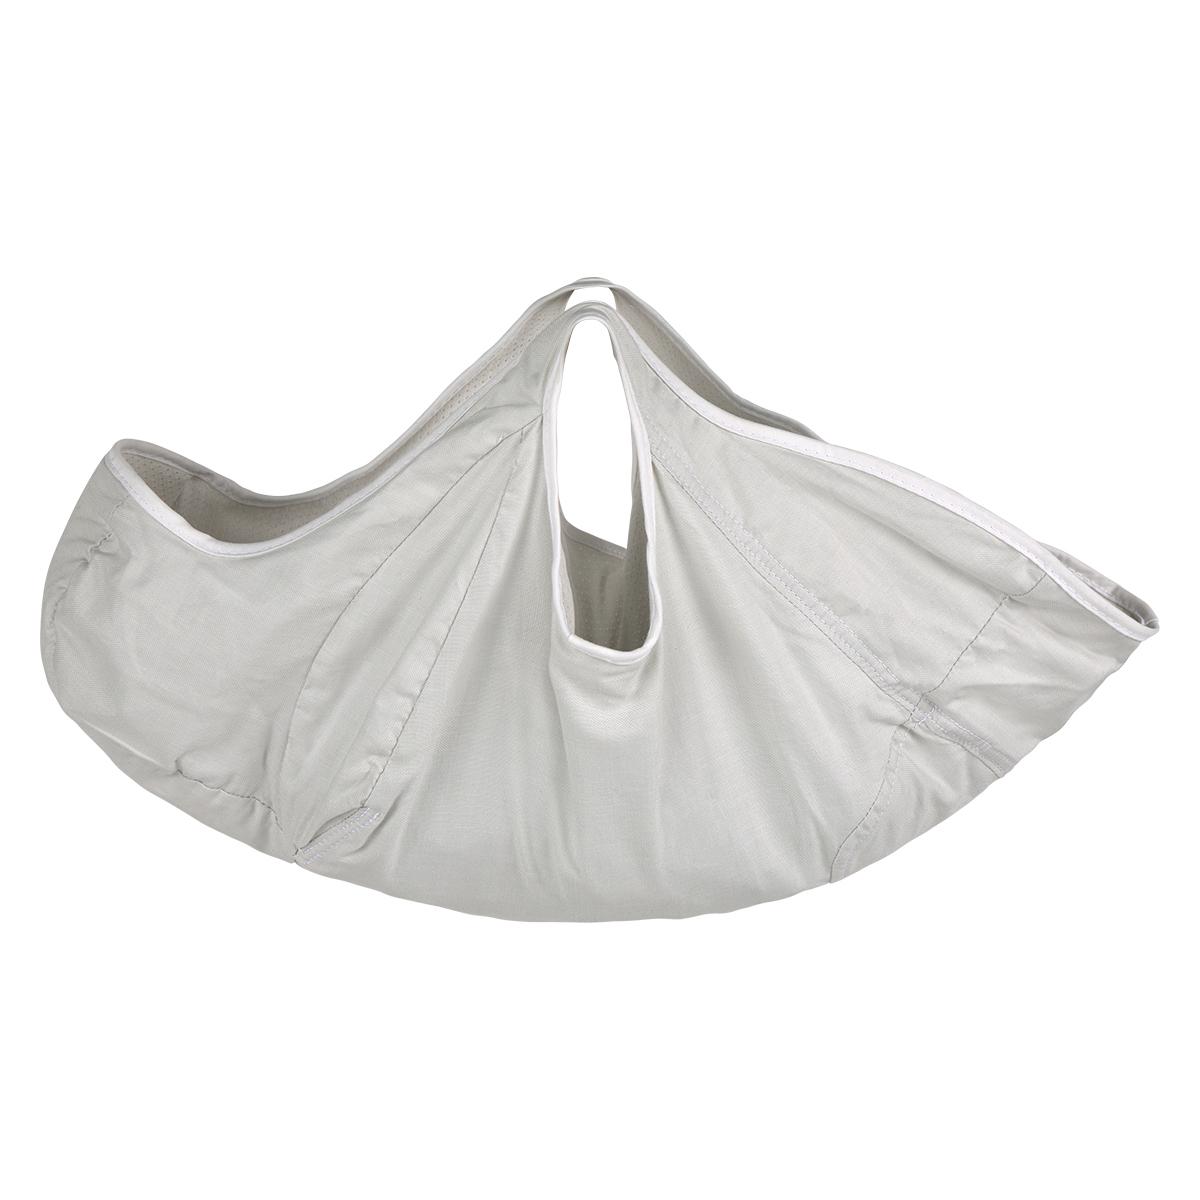 Porte bébé iZi Transfer - Light Grey iZi Transfer - Light Grey